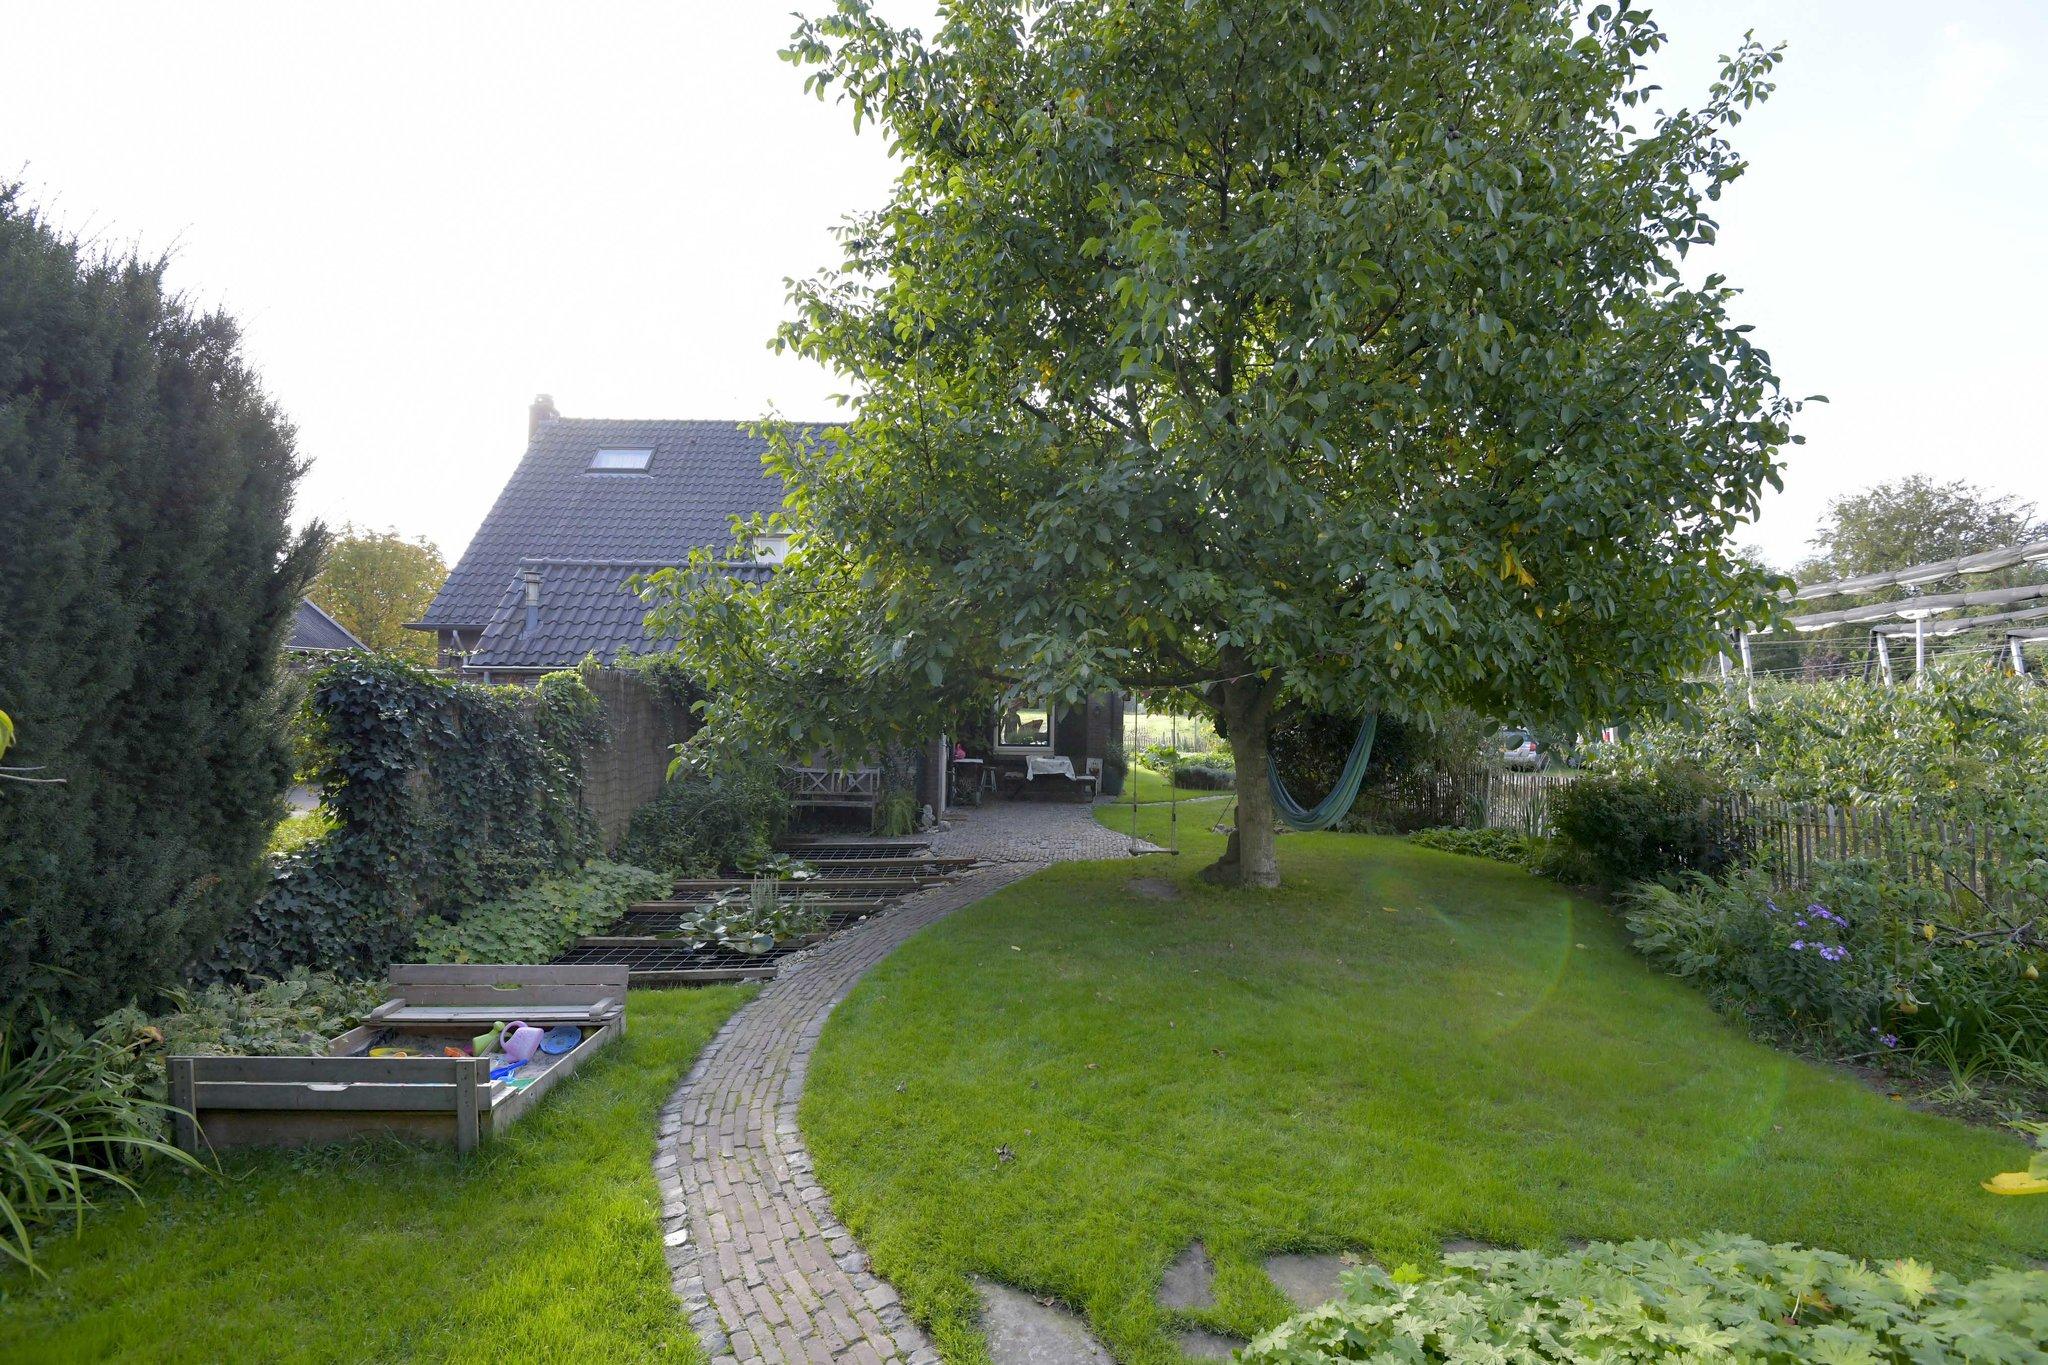 gorssel-gorsselse-enkweg-4154865-foto-45.jpg